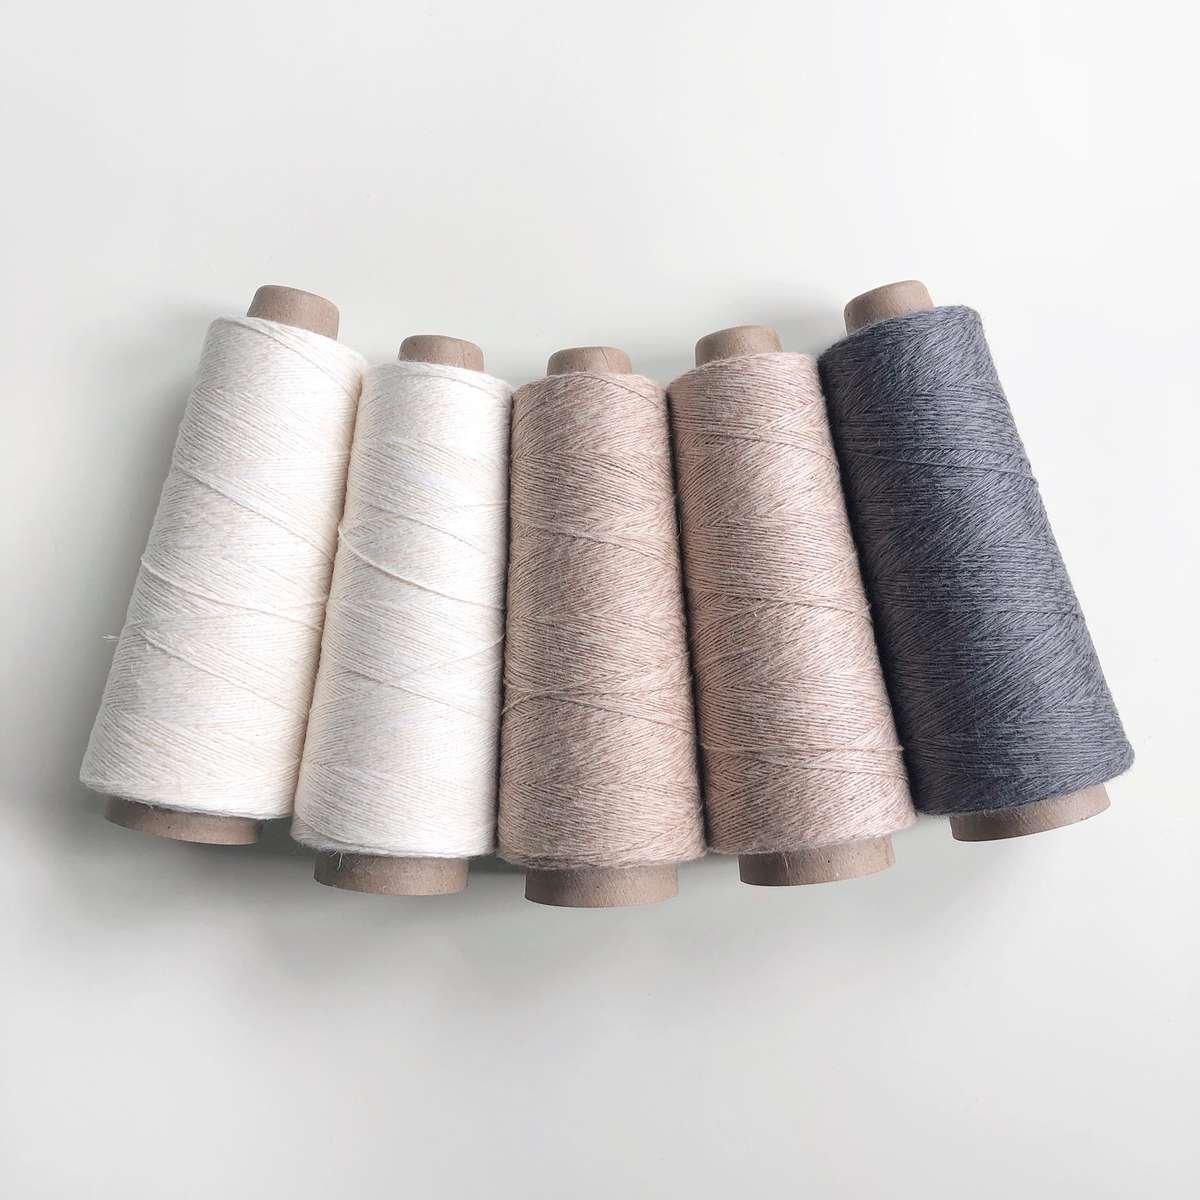 yarn for rigid heddle weaving